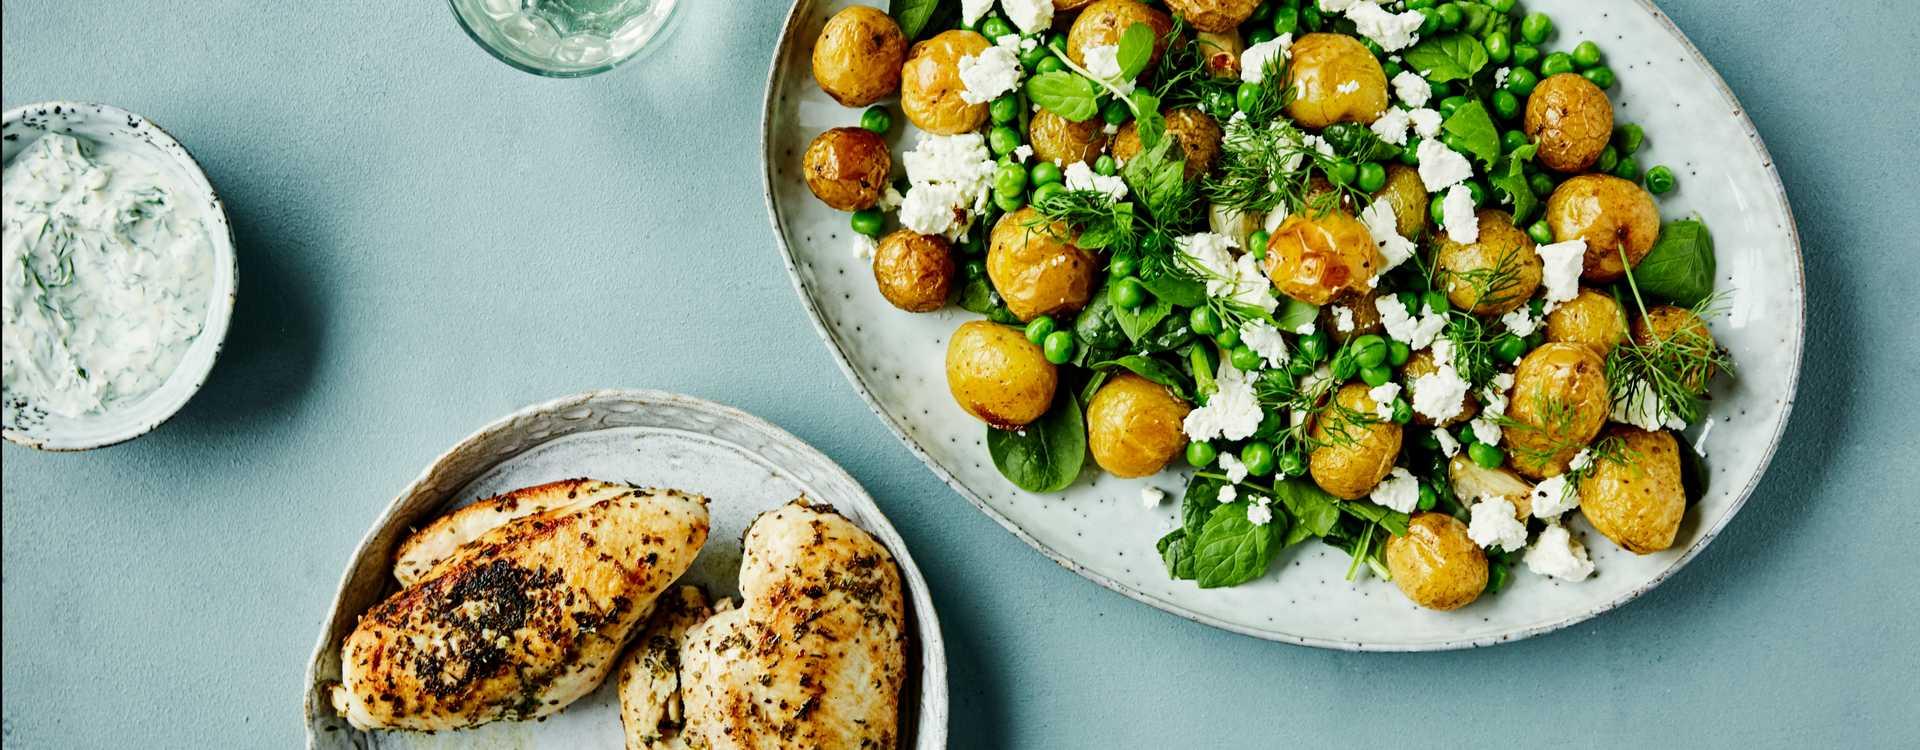 Urtestekte kyllingfileter med ovnsbakte poteter, erter, feta og mynte